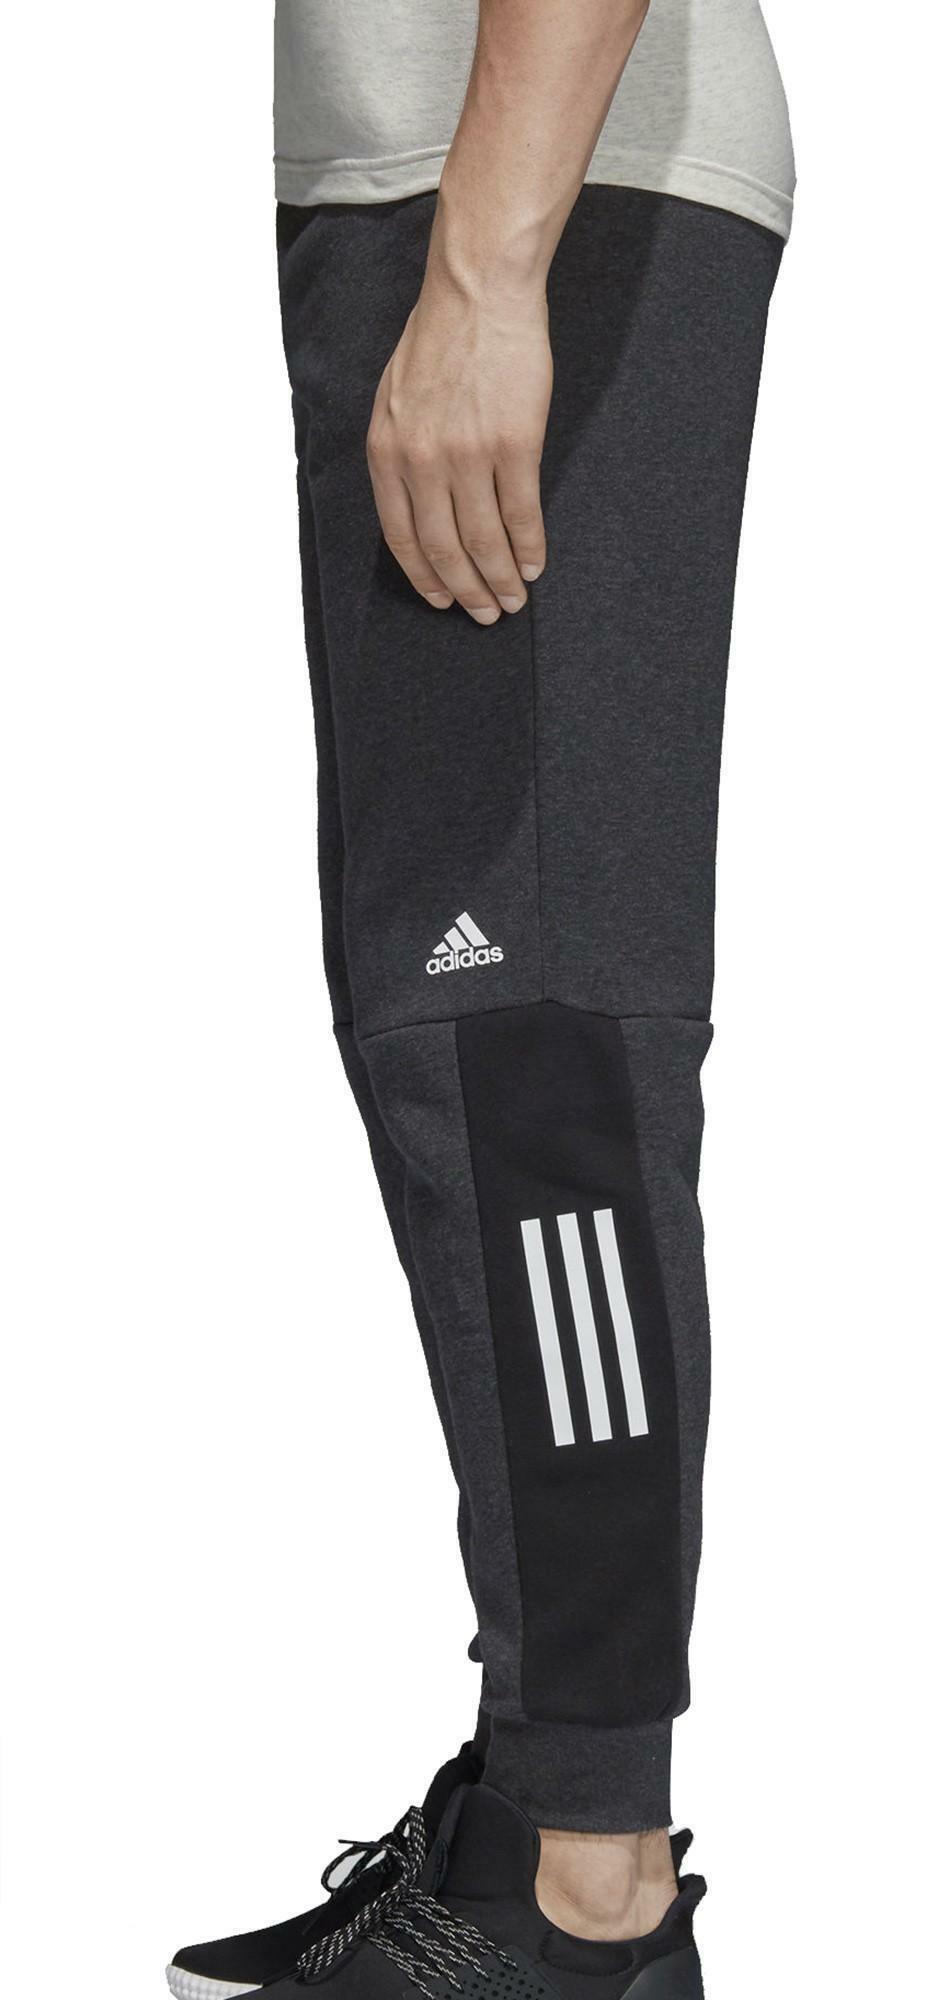 adidas adidas sid lgo pantaloni tuta uomo grigi cotone felpato dm4320